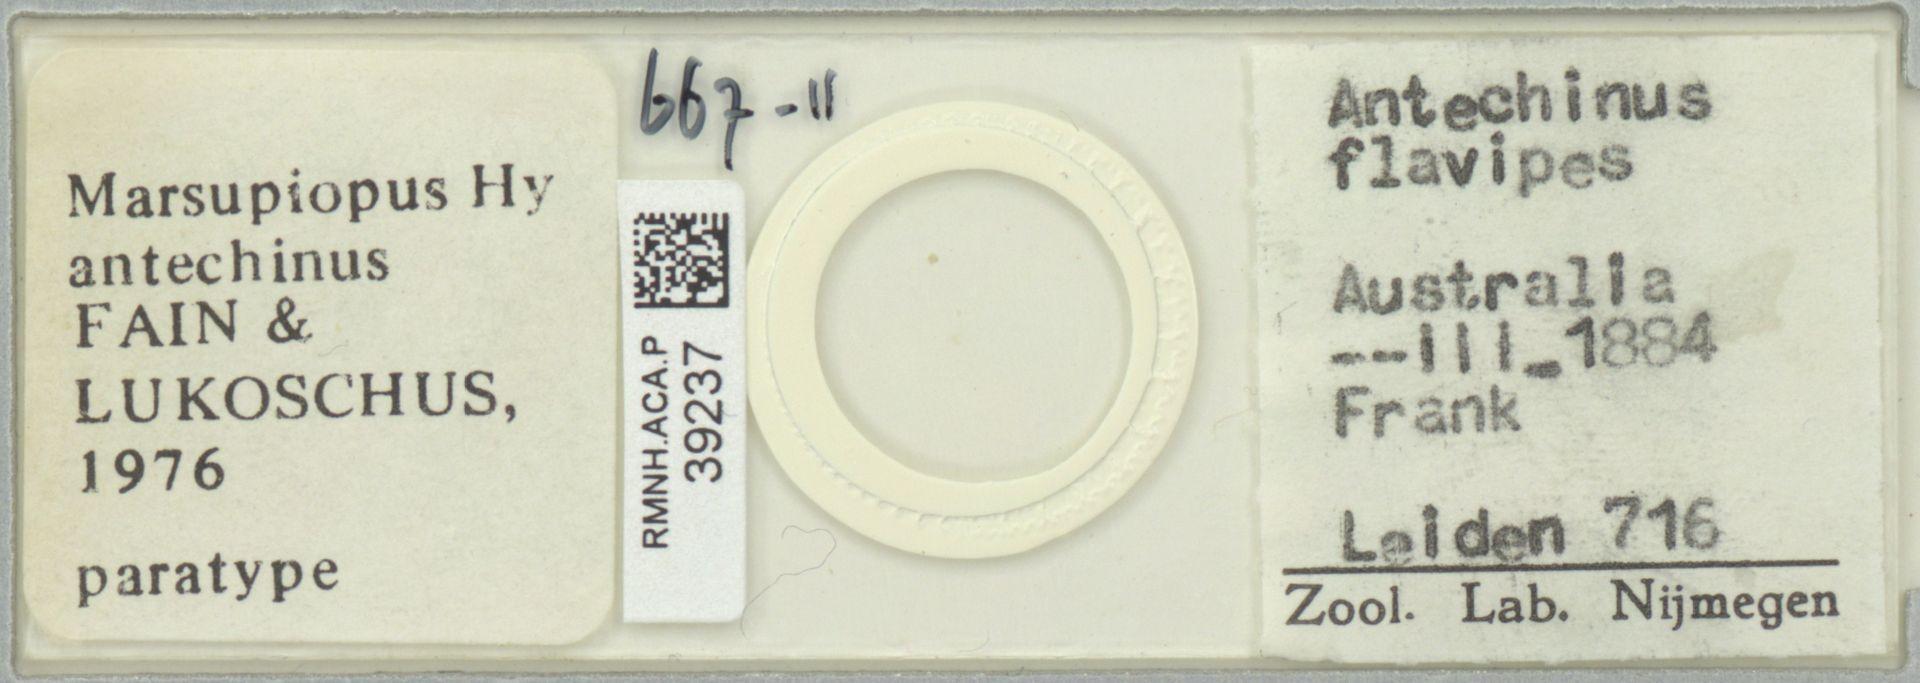 RMNH.ACA.P.39237 | Marsupiopus antechnius Fain & Lukoschus, 1976